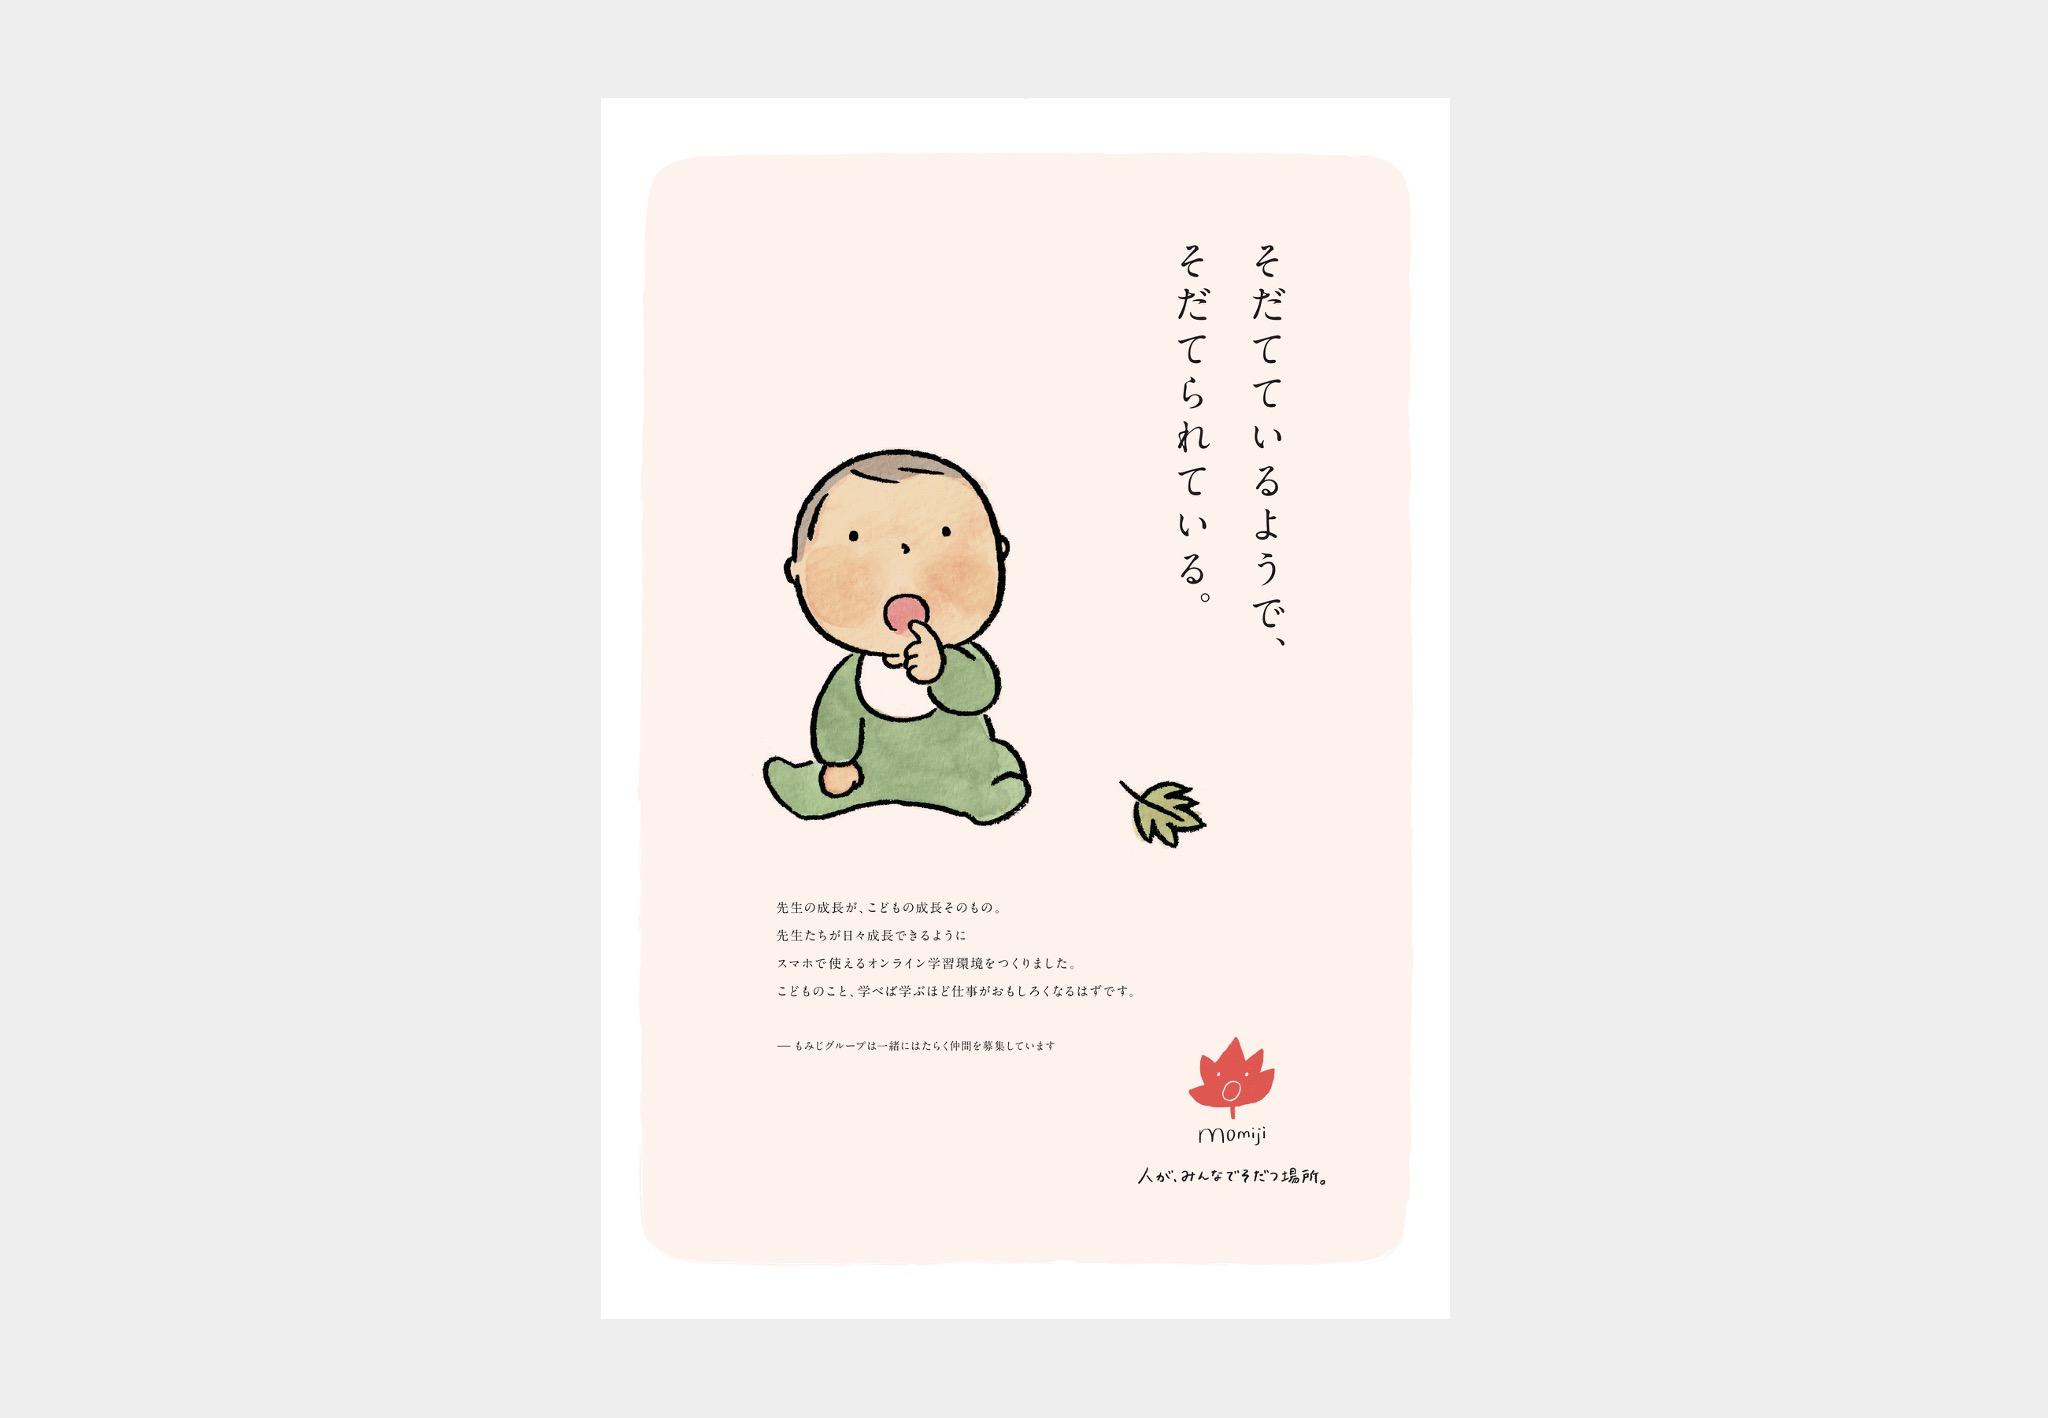 学校法人福岡幼児学園・社会福祉法人信正会